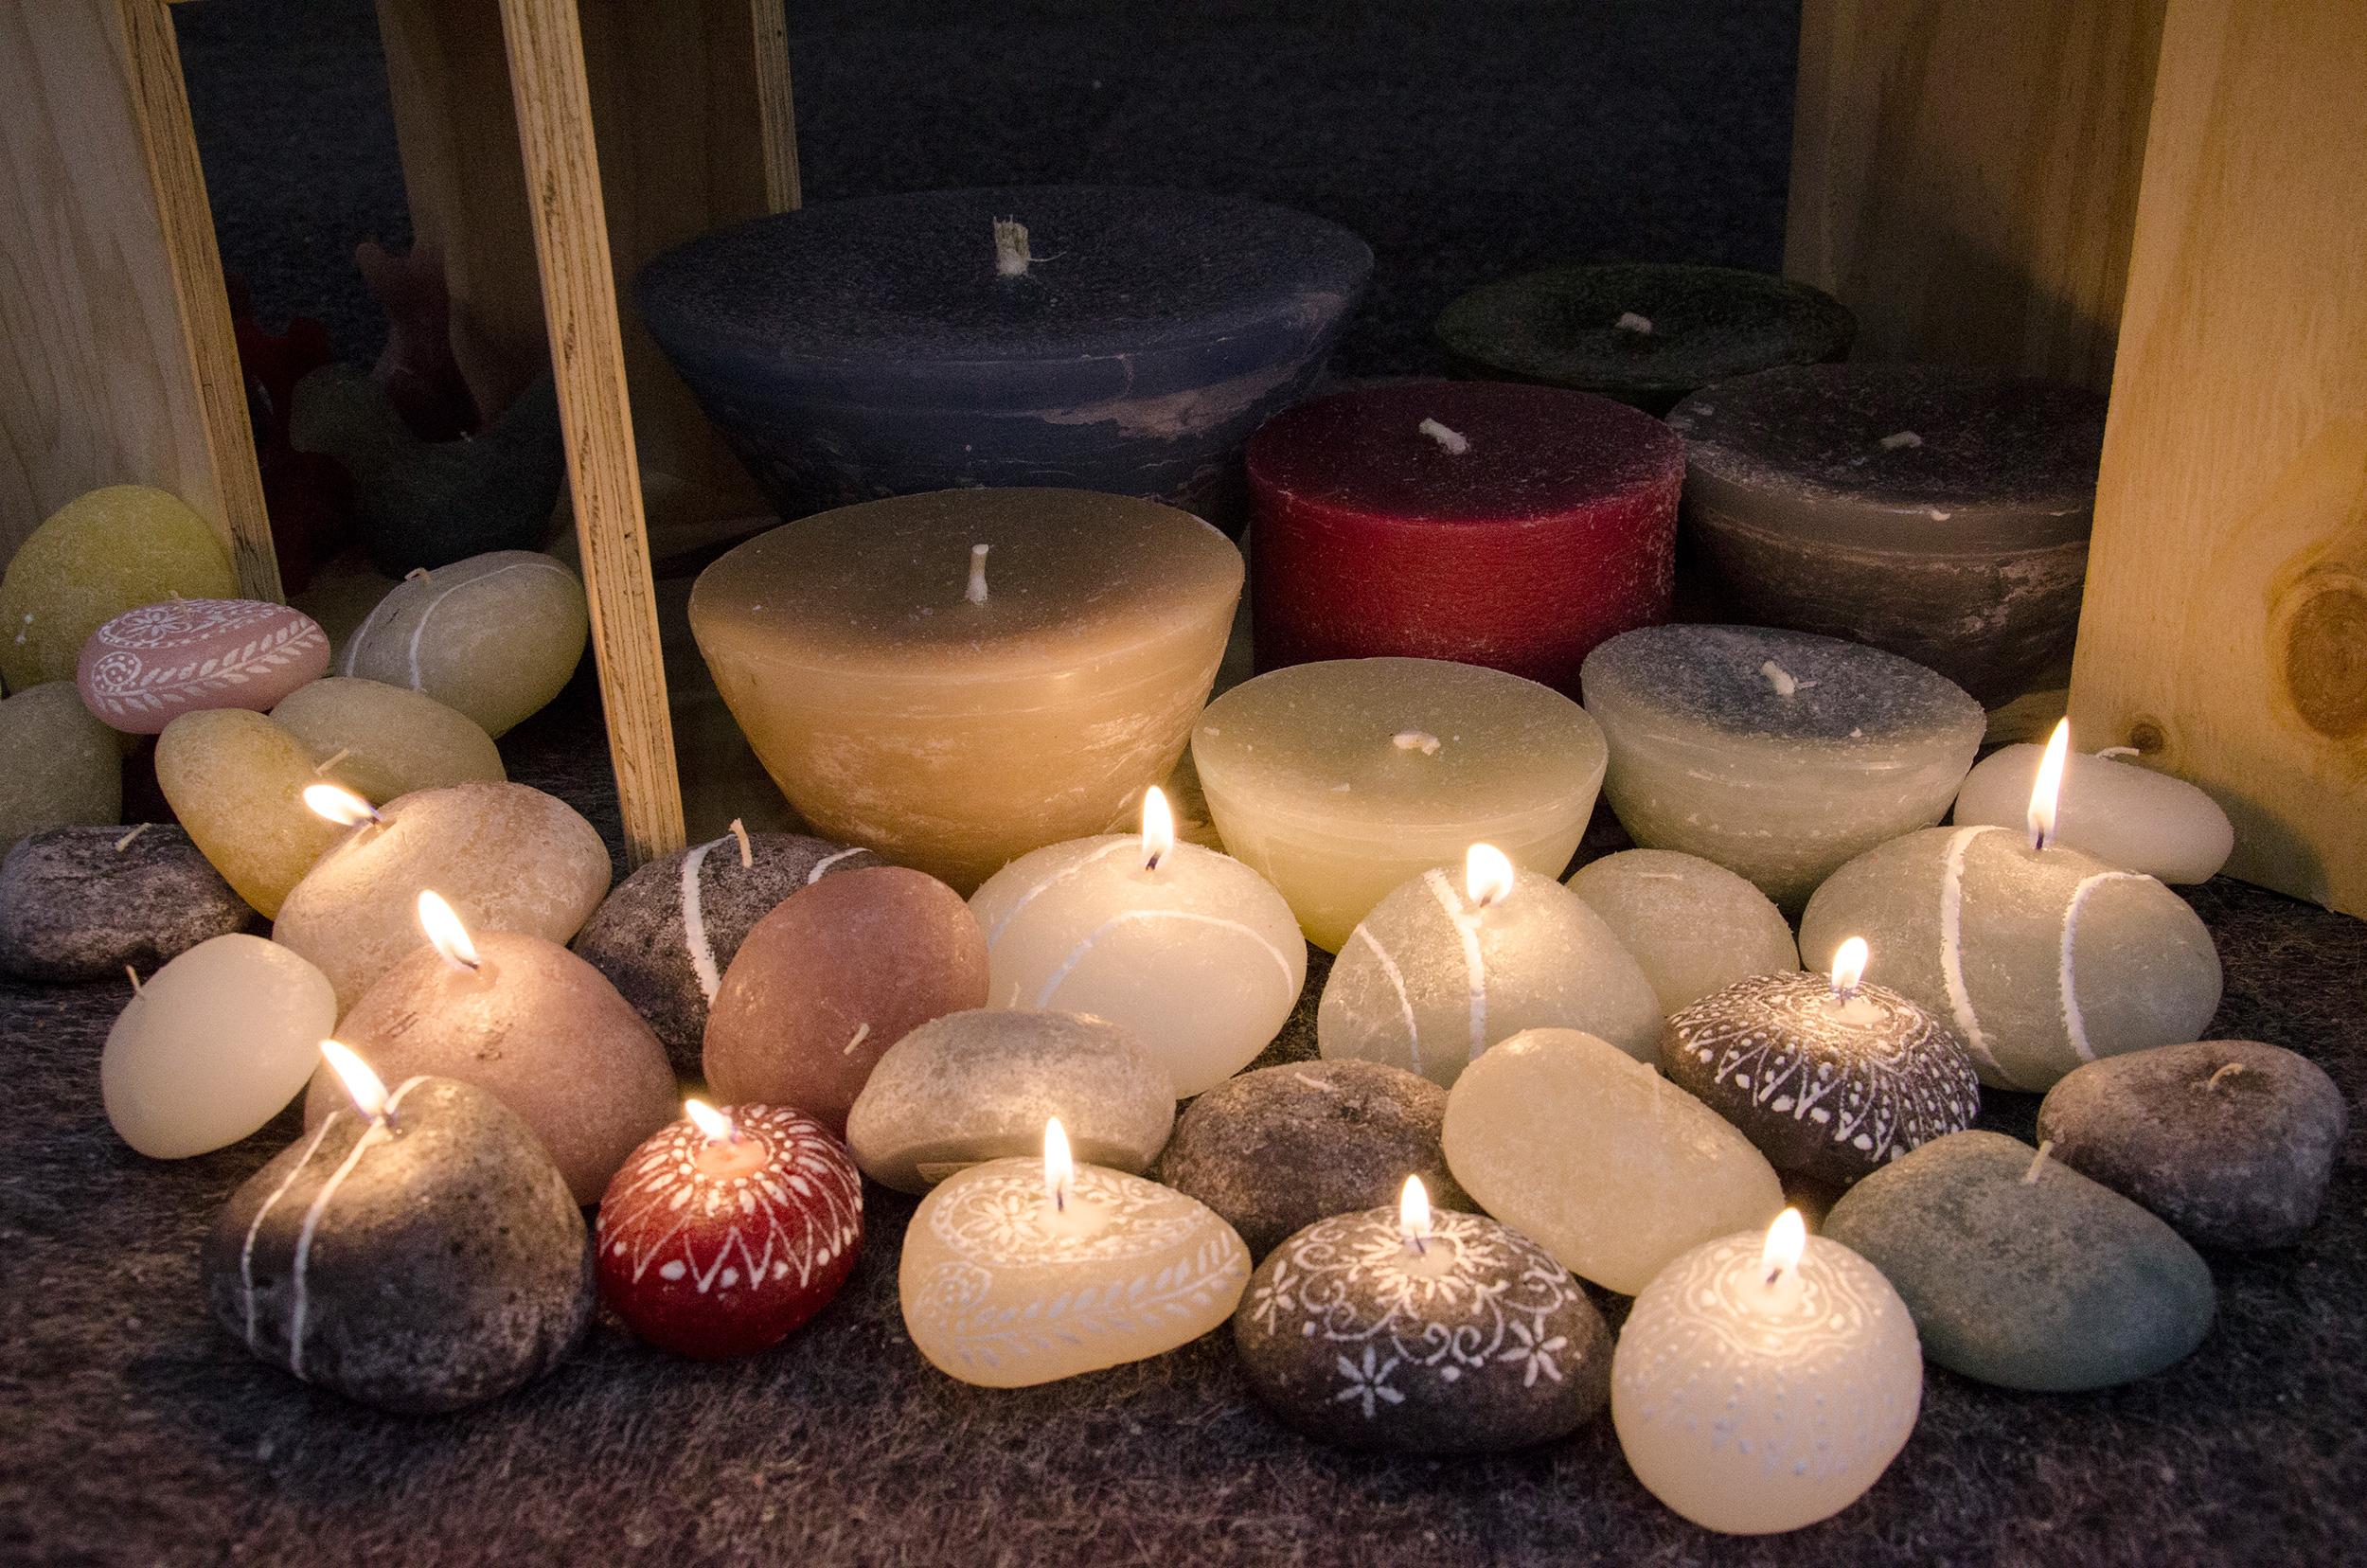 kapula-handmade-figurine-candles-pebbles-hand-painted.jpg